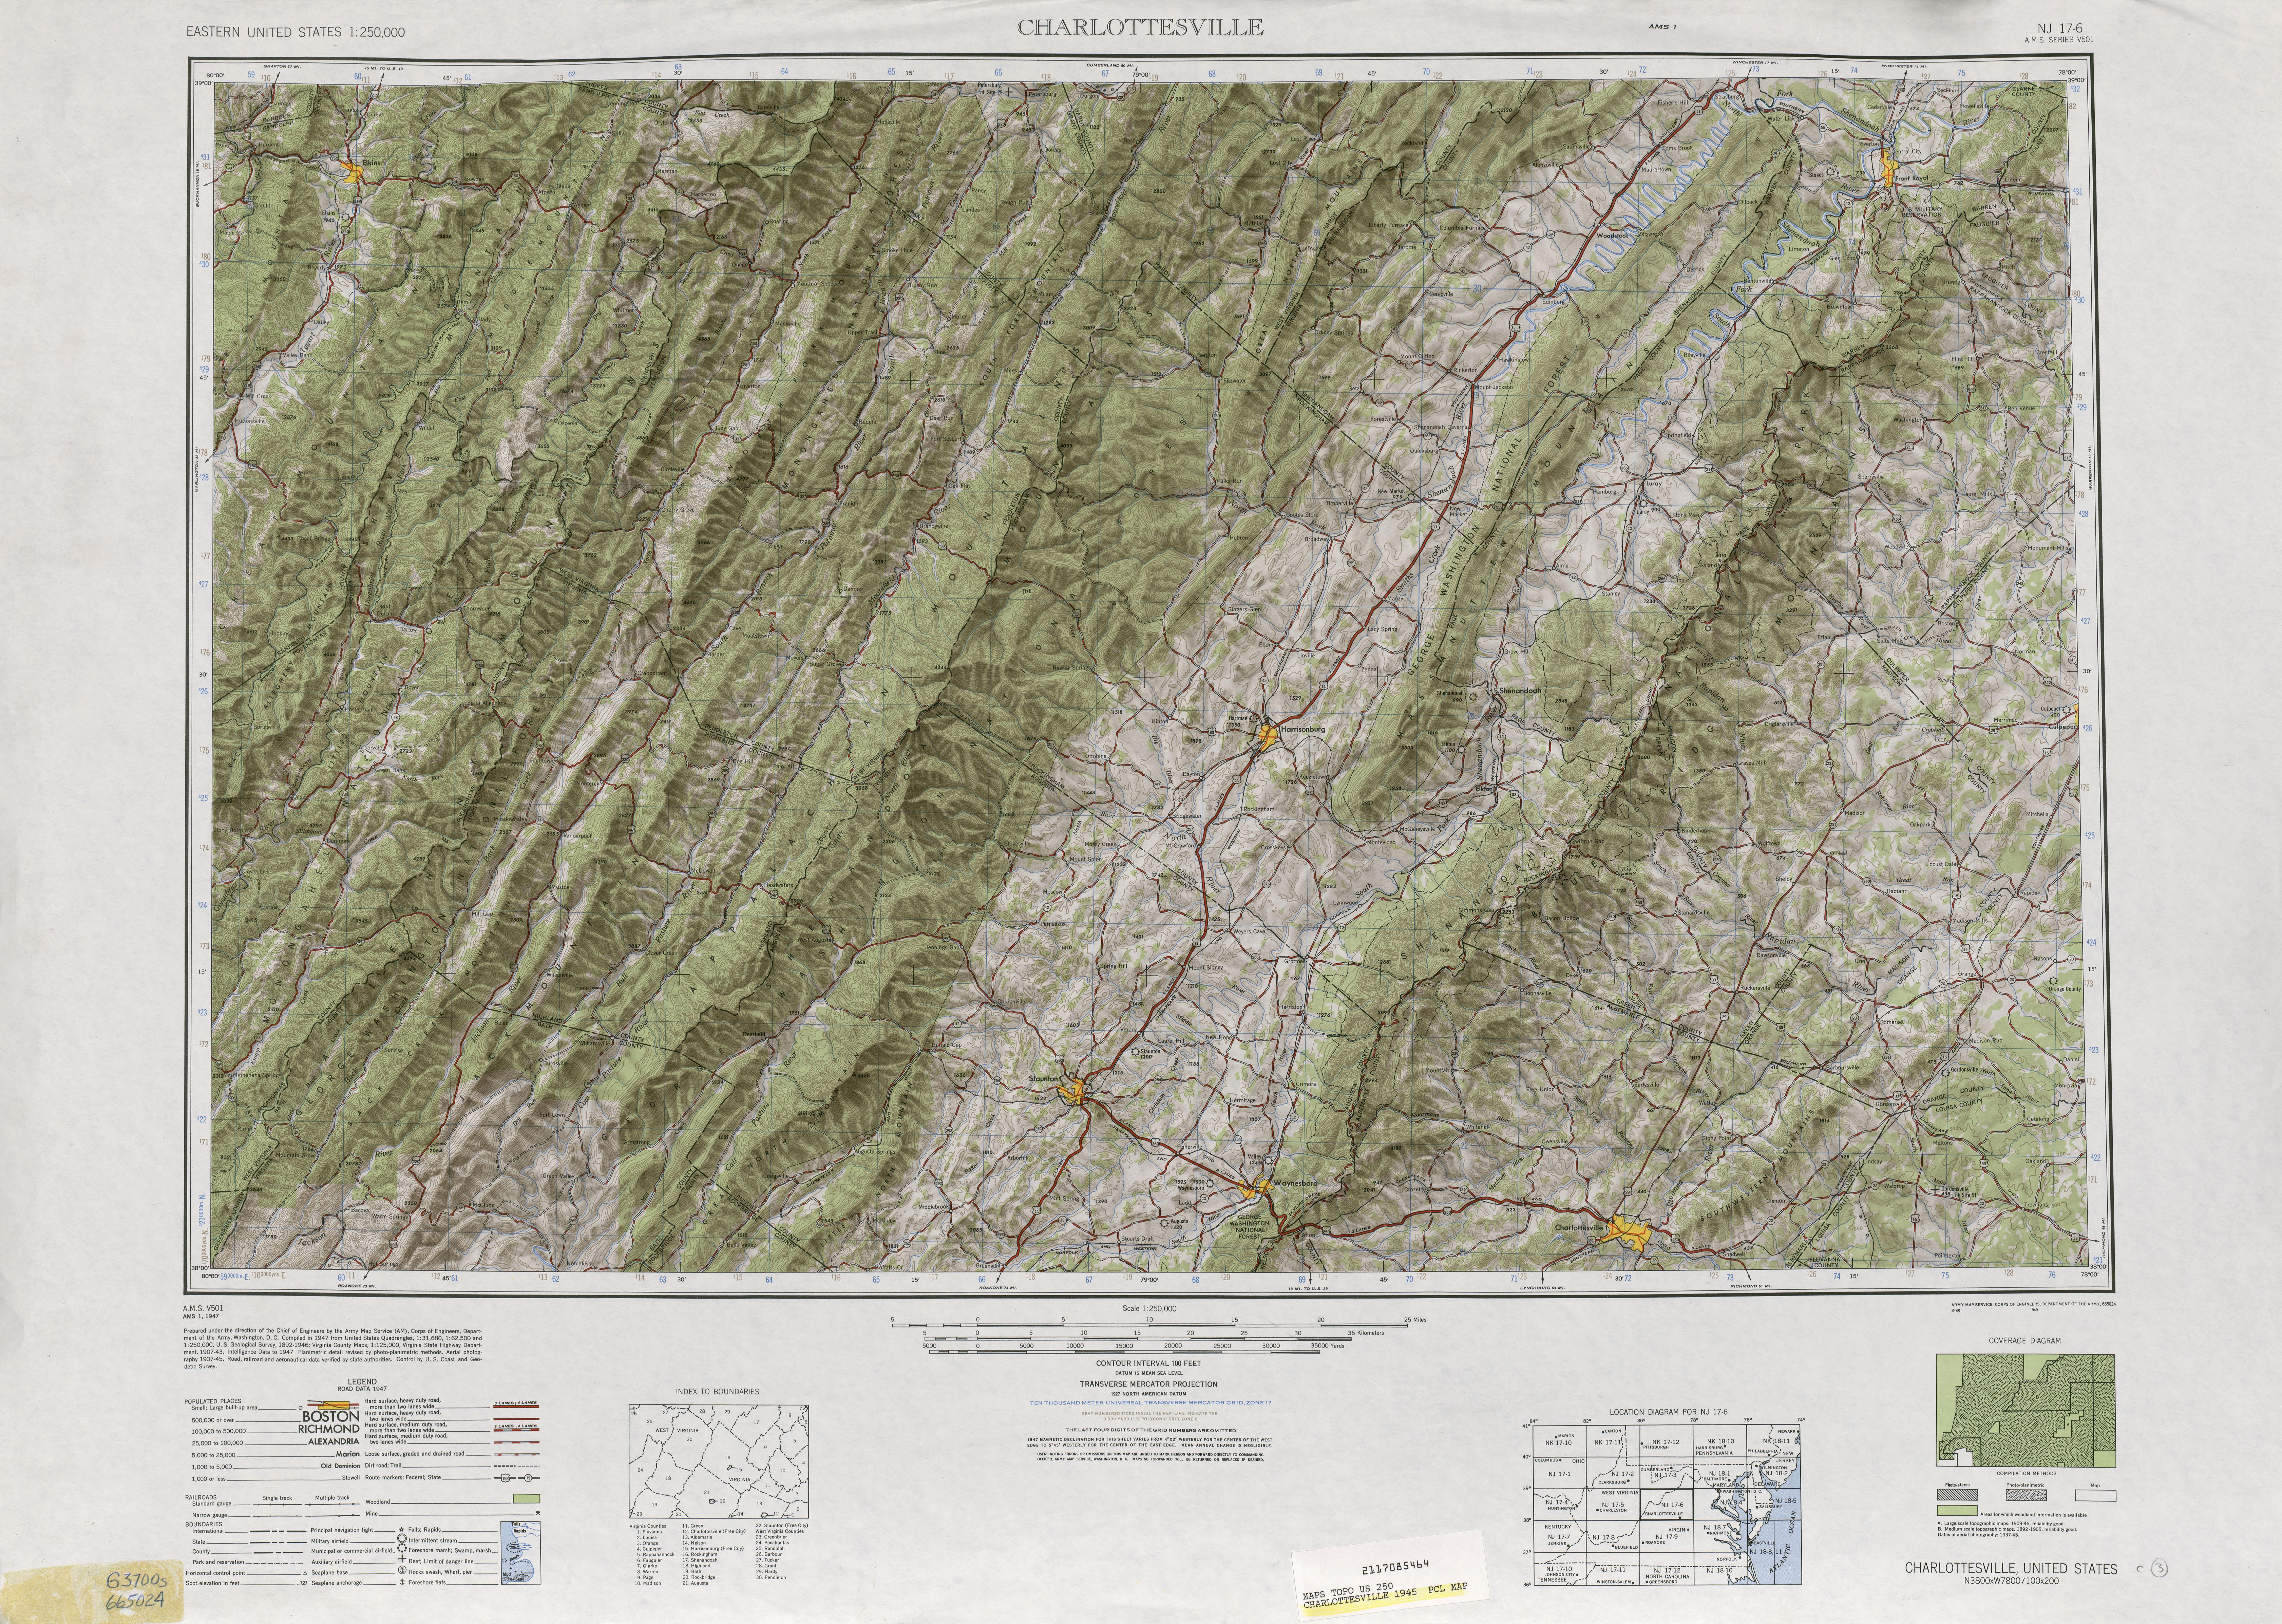 Hoja Charlottesville del Mapa Topográfico de los Estados Unidos 1945